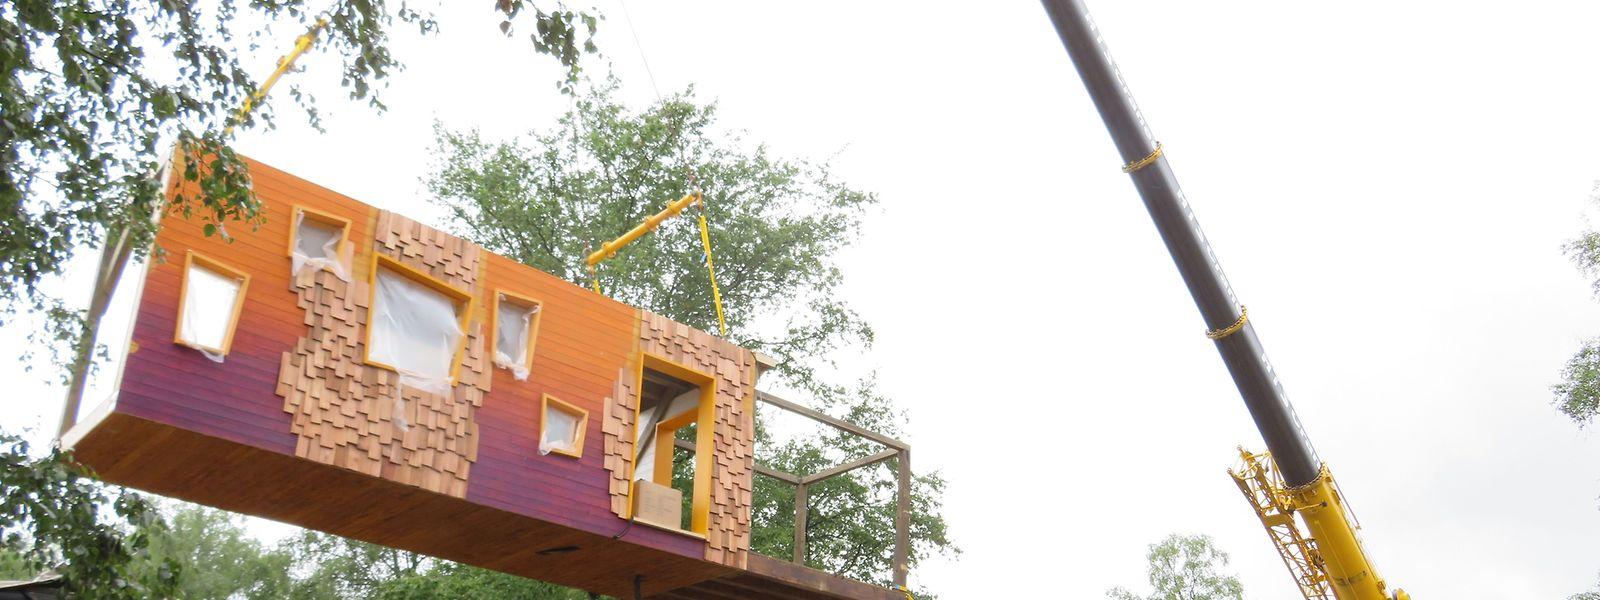 """Am Mittwoch wurden Bauteile des """"Baumhauscafé"""" entladen. Nächste Woche werden sie auf Holzstelzen errichtet."""